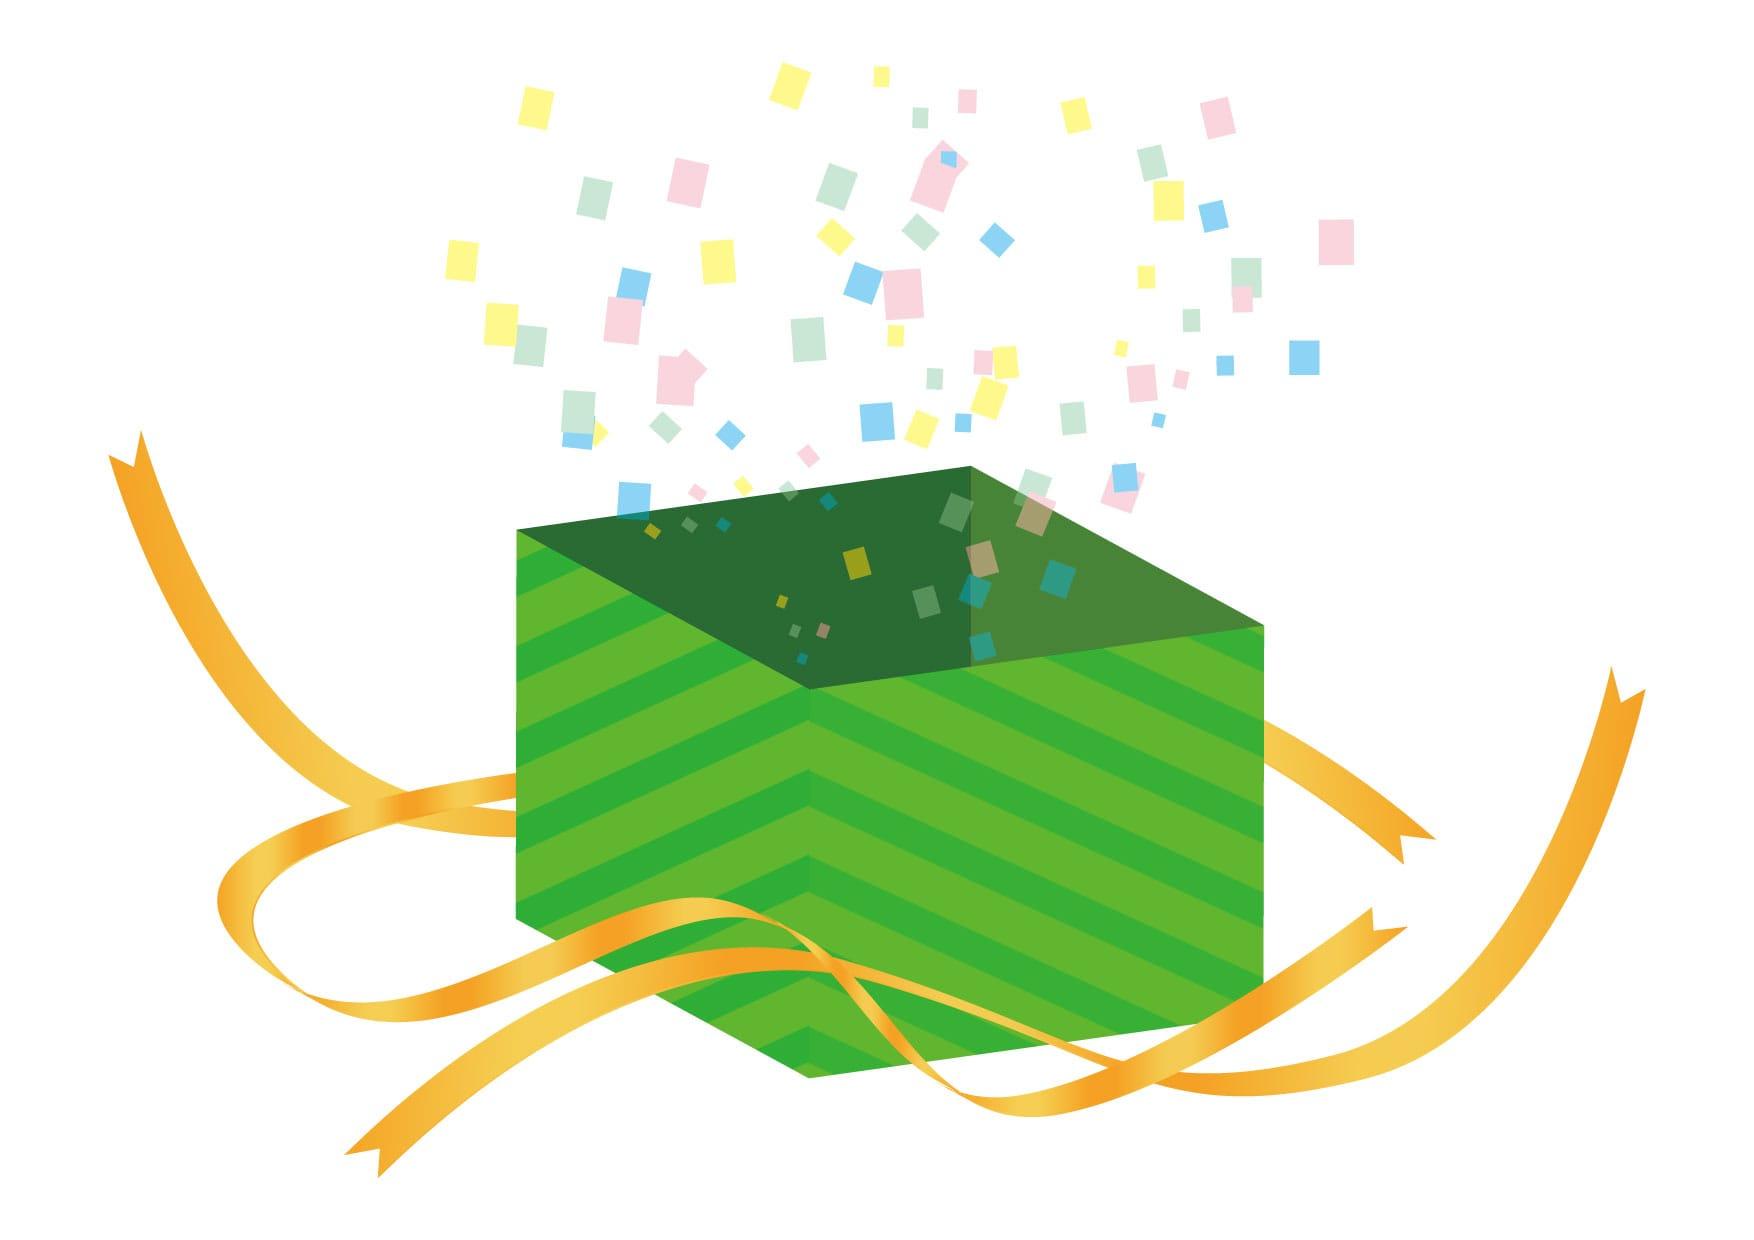 サプライズ プレゼント 緑色 開く イラスト 無料